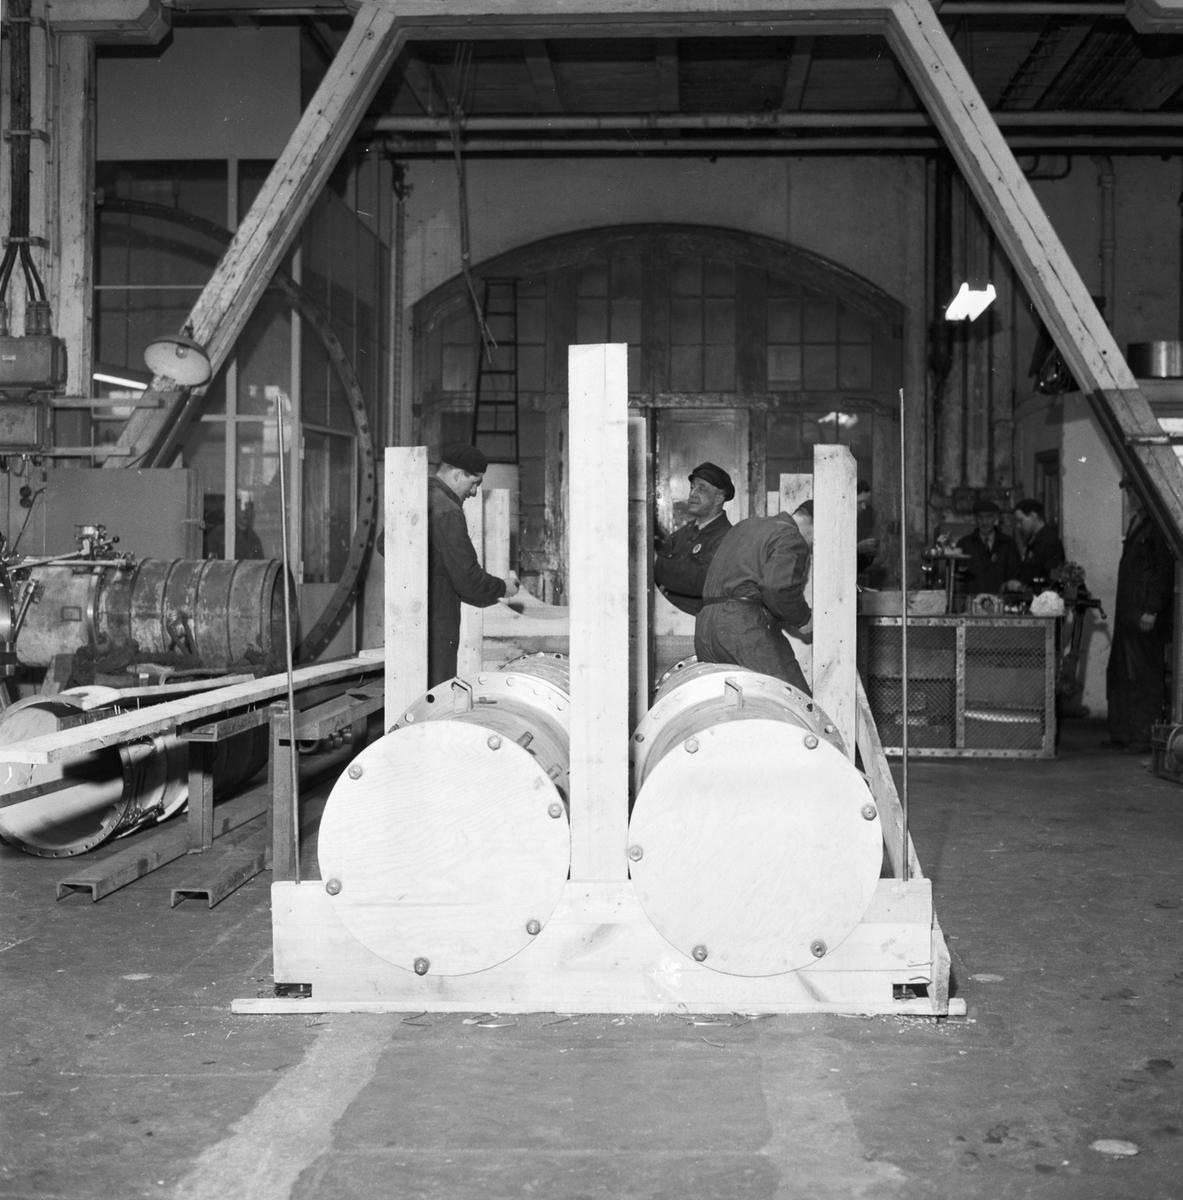 Övrigt: Foto datum: 9/3 1954 Byggnader och kranar Maskinverkstan torpedtuber med detaljer